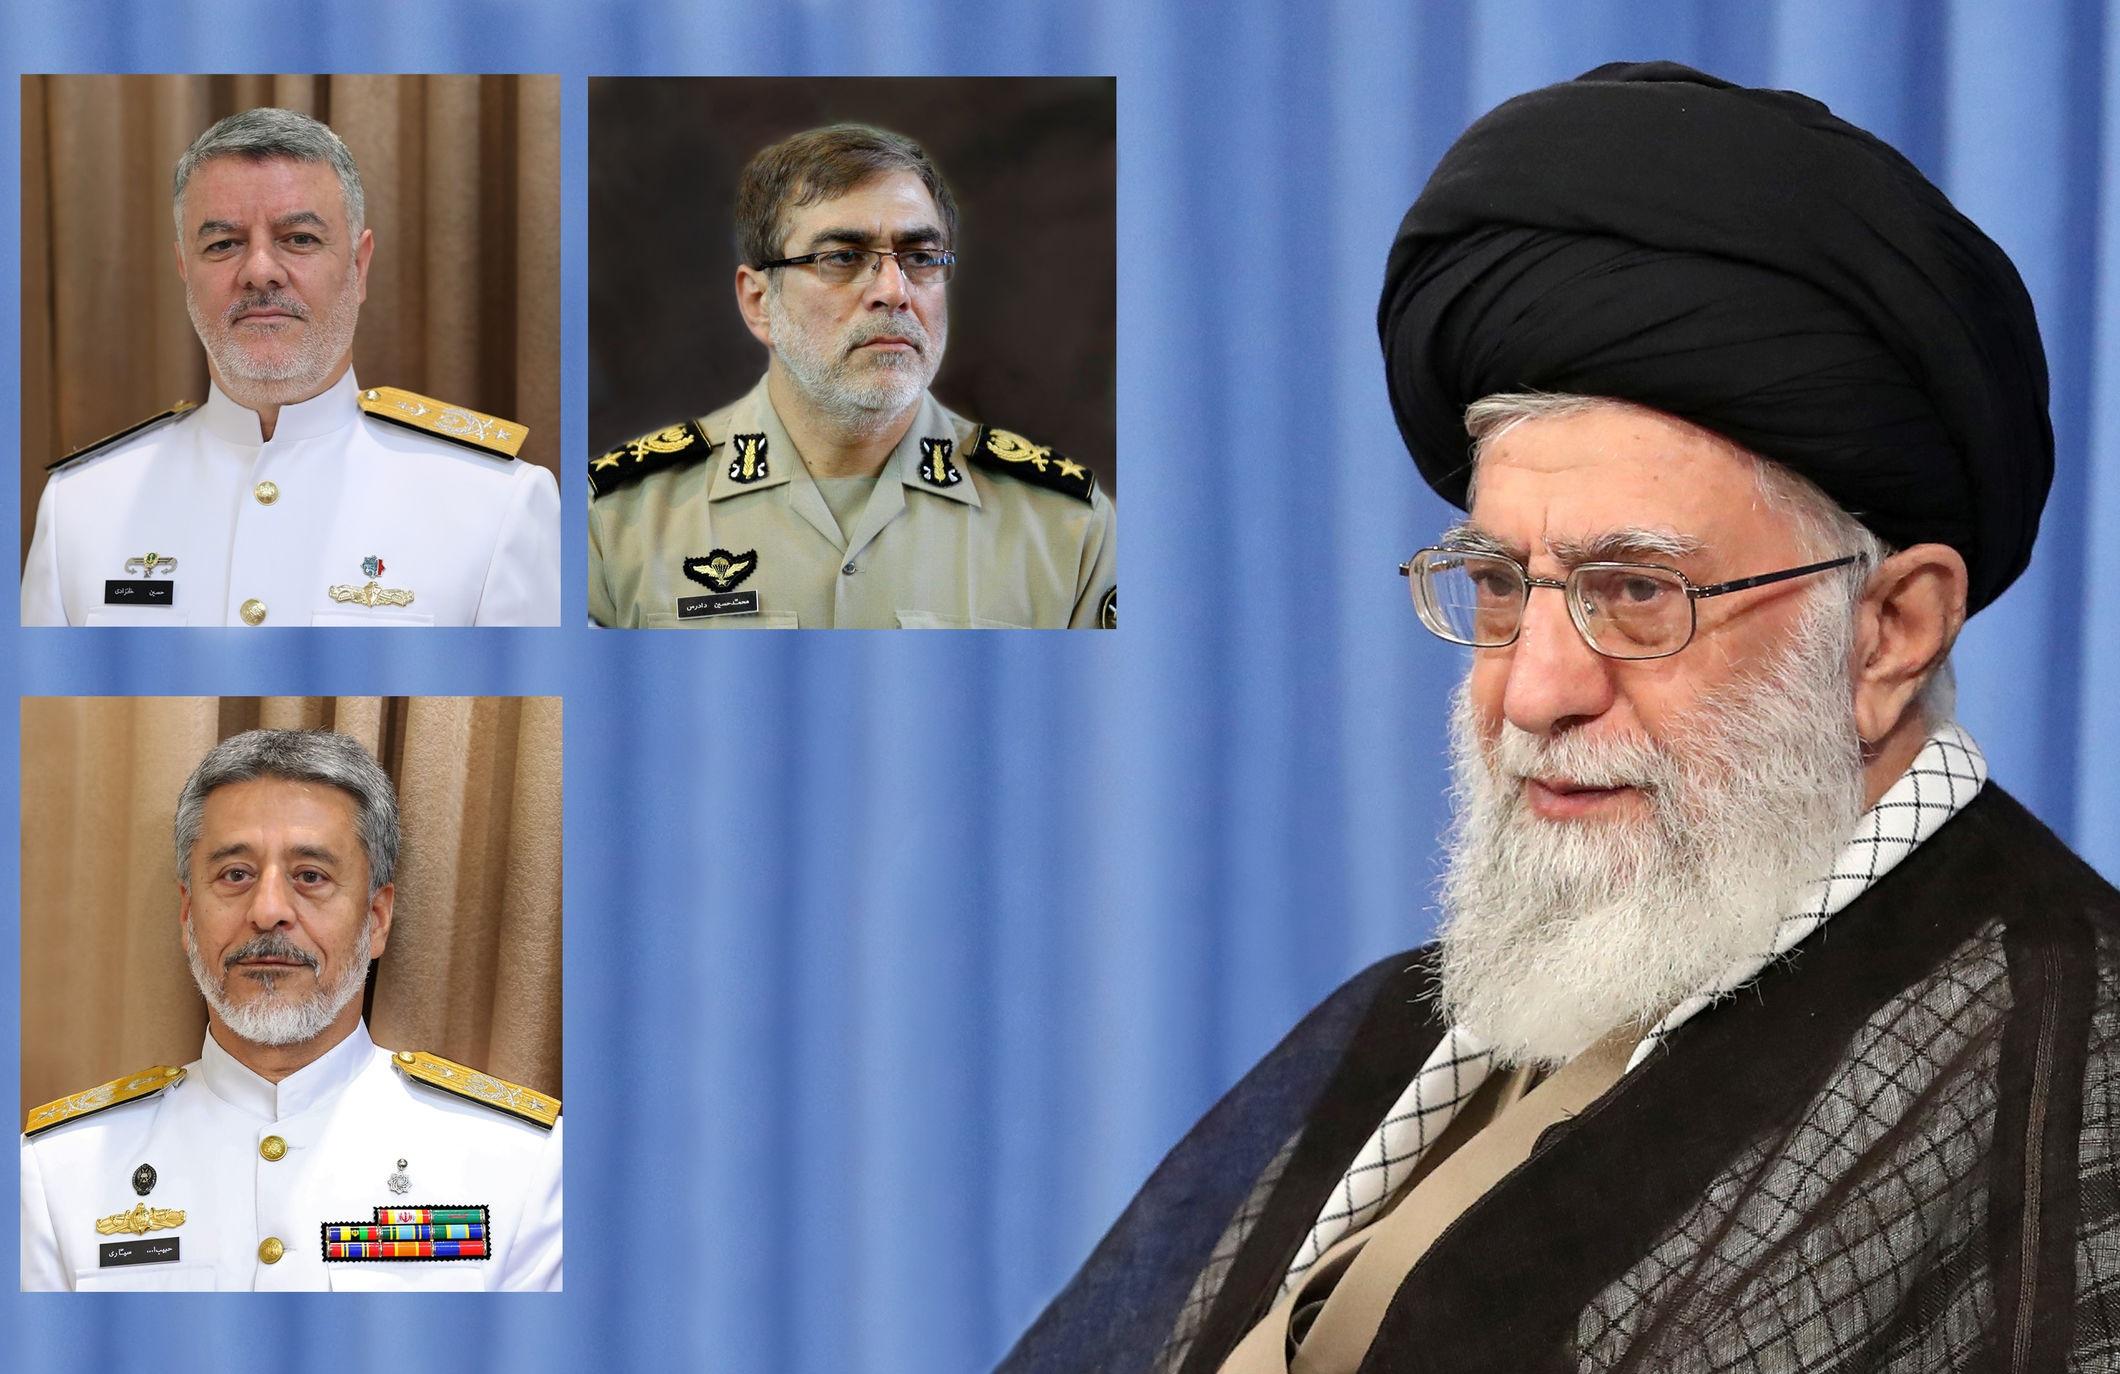 سه انتصاب جدید در ارتش جمهوری اسلامی ایران